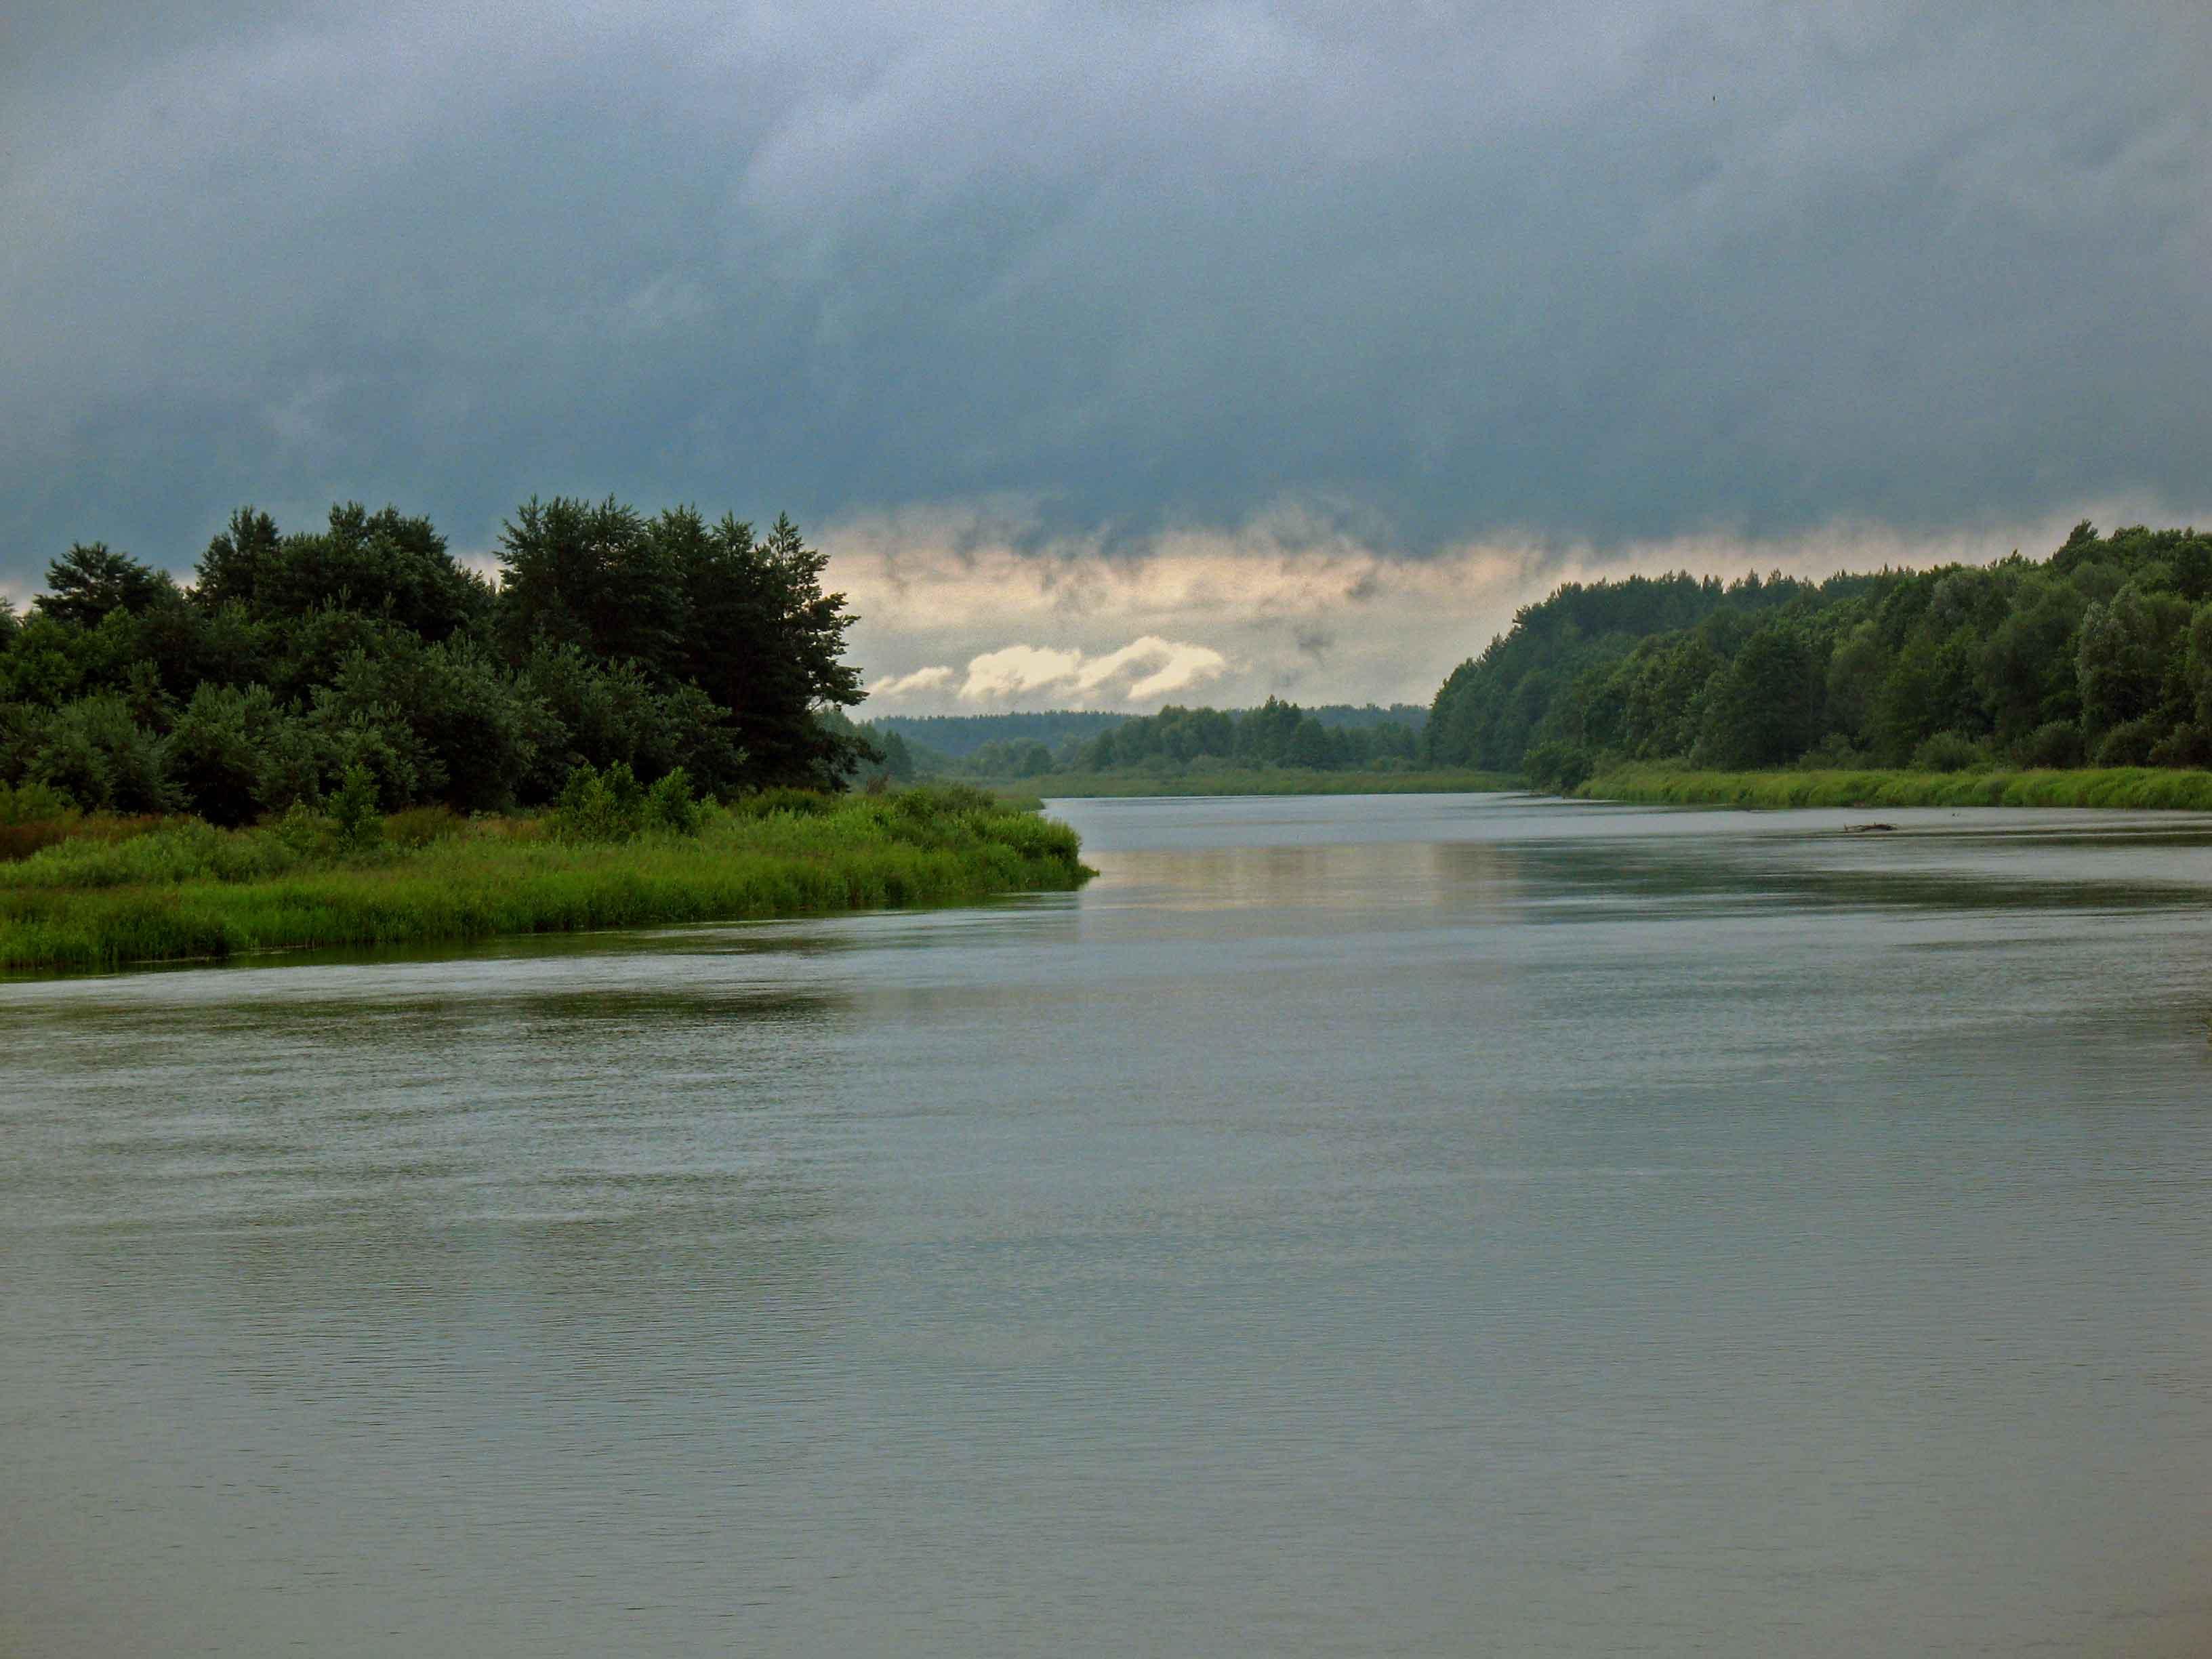 несколько реки белоруссии картинки путь фотографии